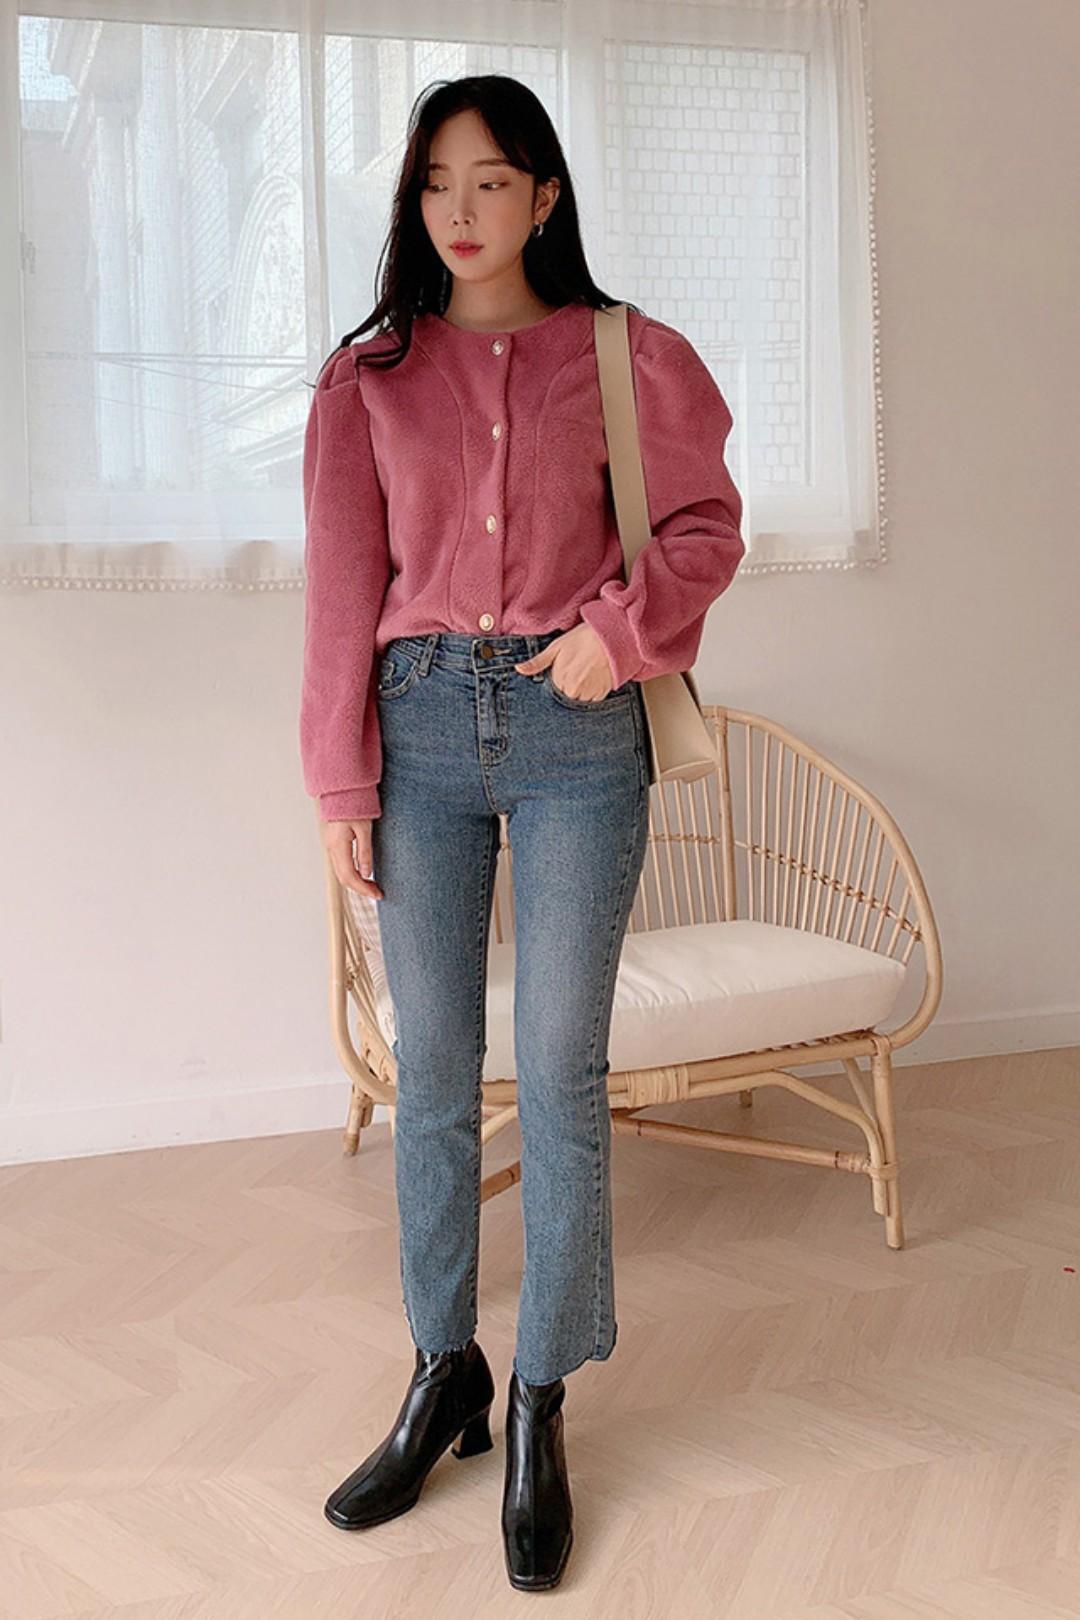 #2020年红色战衣提前备好!#홑단추 저고리, 빈티지 디자인 소녀 감각